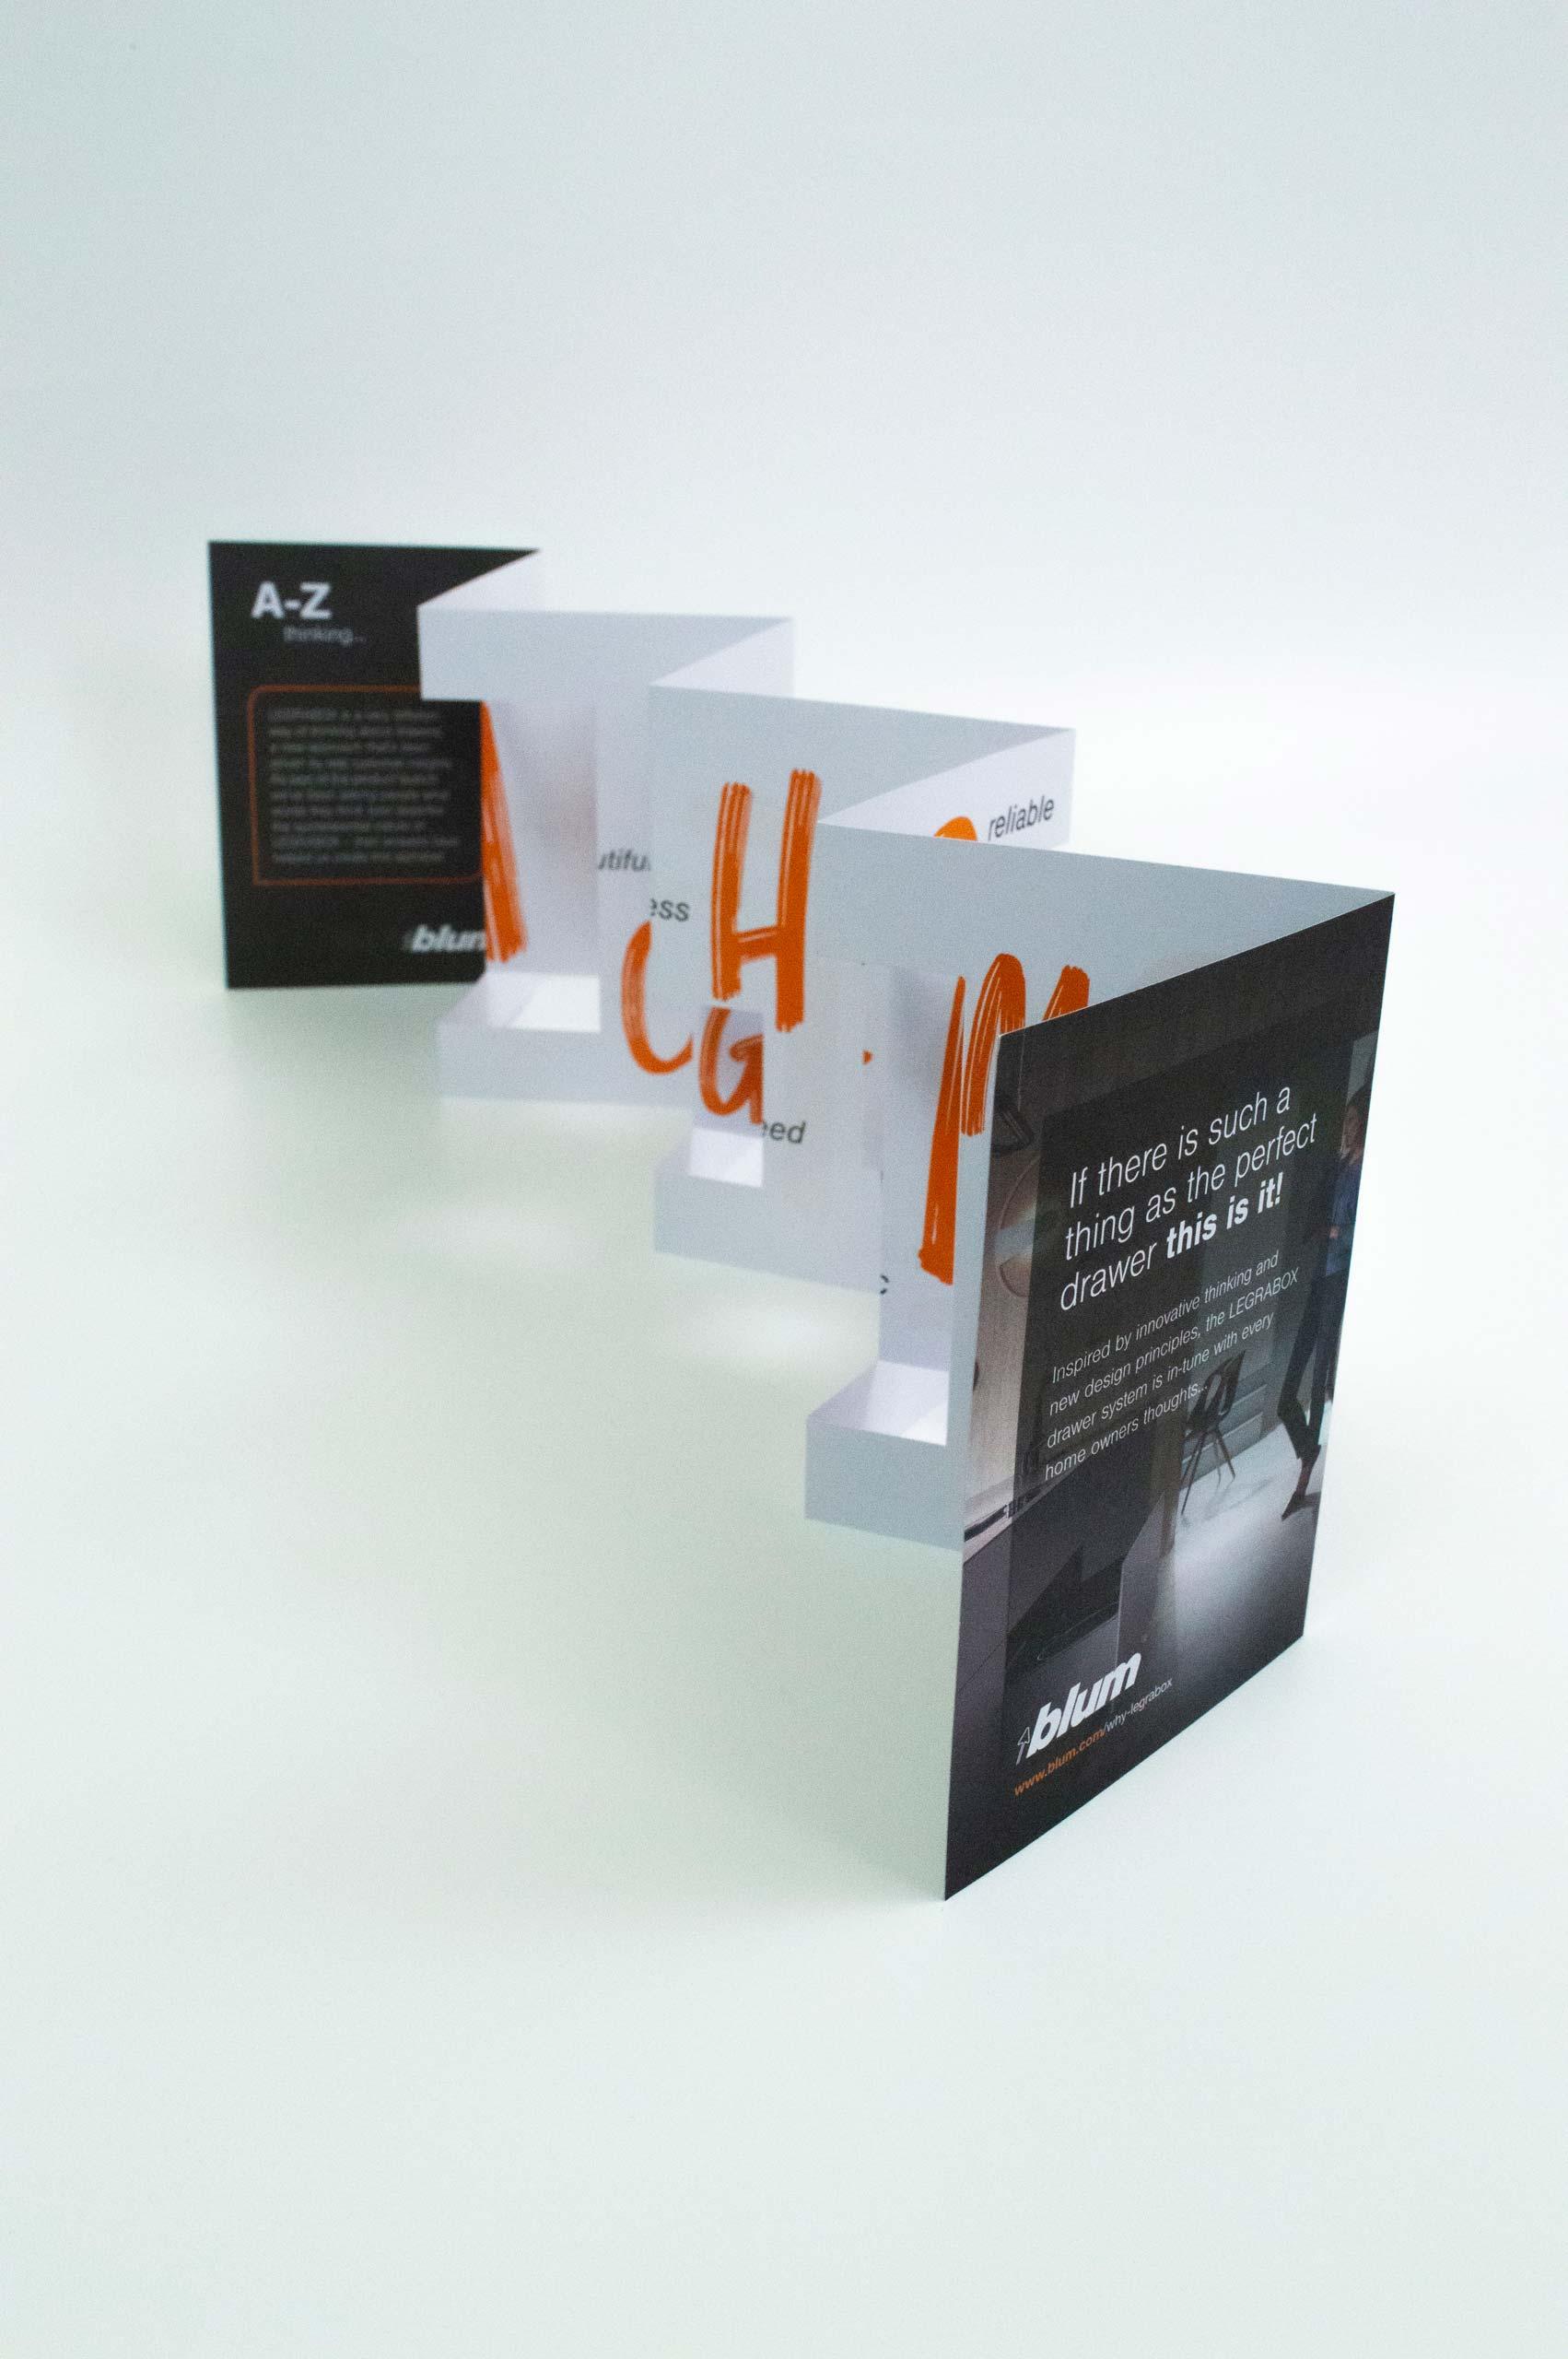 Blum | Legrabox A-Z concertina unfolded piece | Zeke Creative